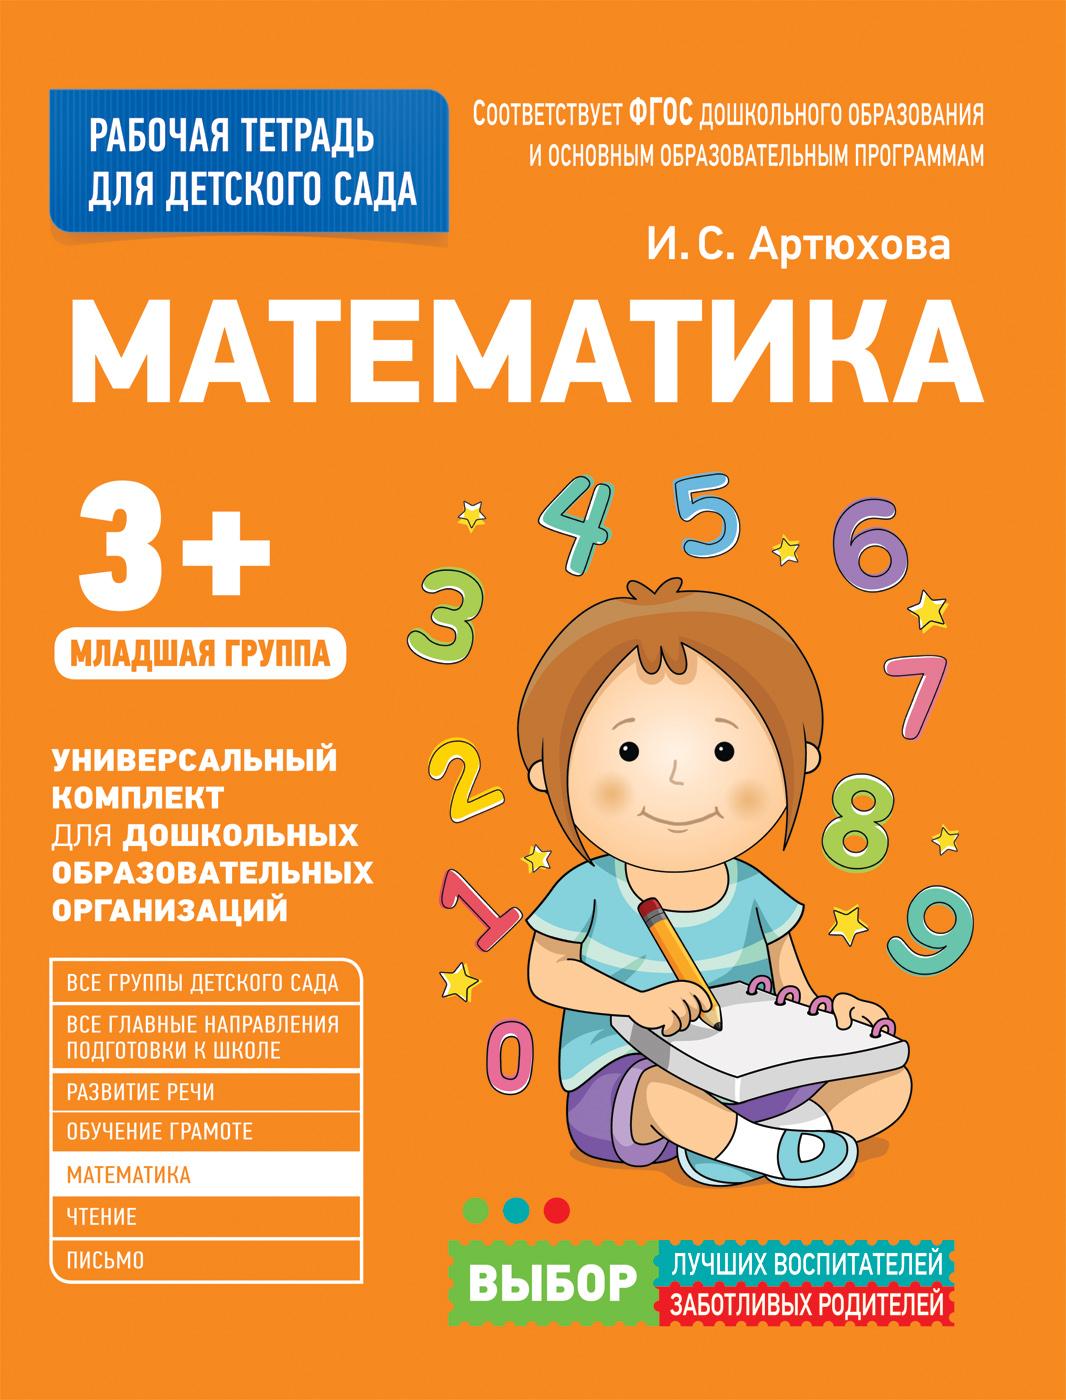 Артюхова И. С. Для детского сада. Математика. Младшая группа. Рабочая тетрадь